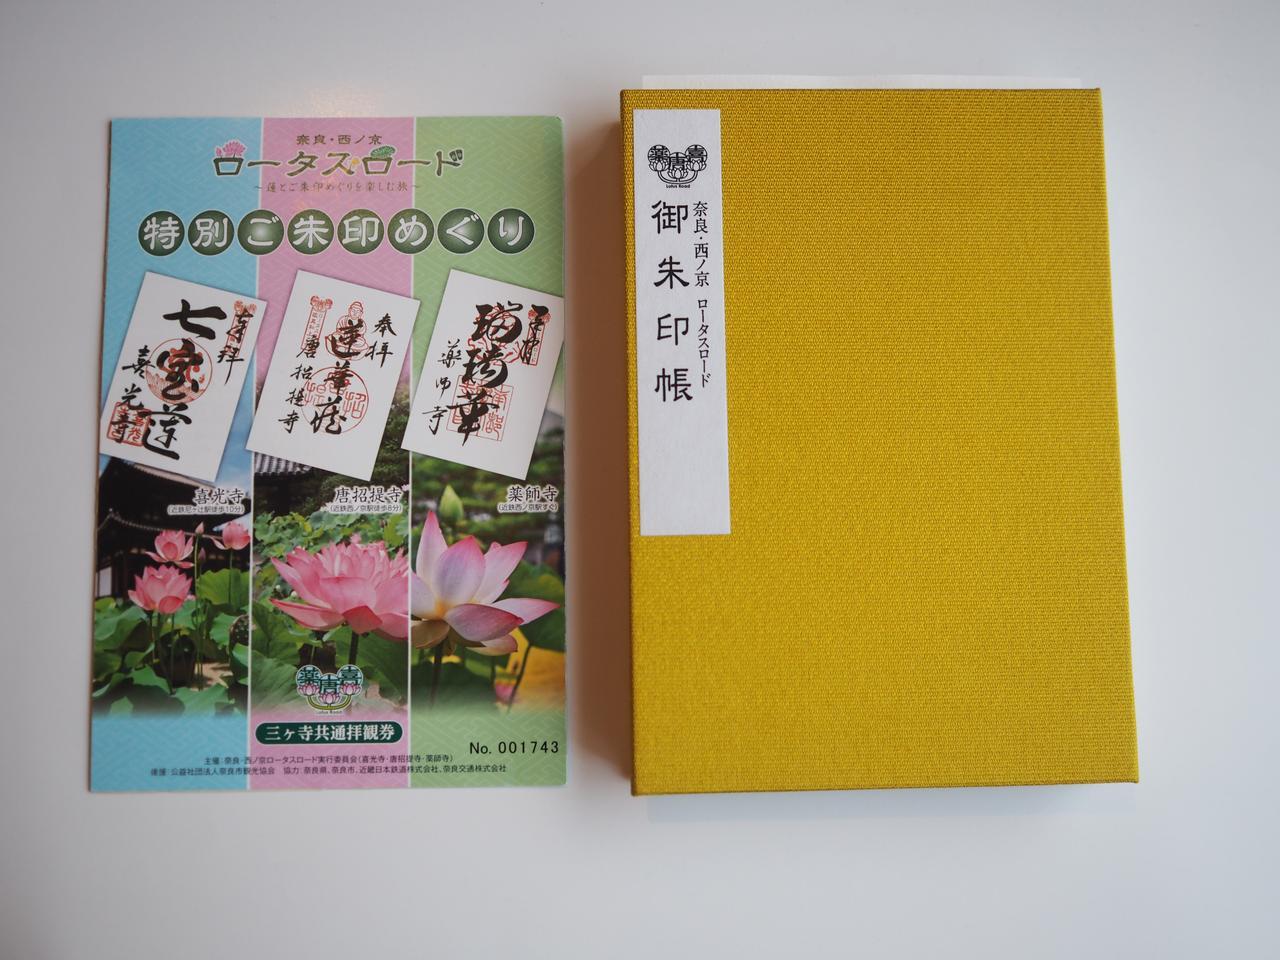 画像: ご朱印帳の色は数色から選べます。人気色は紫、黄色なんだとか。